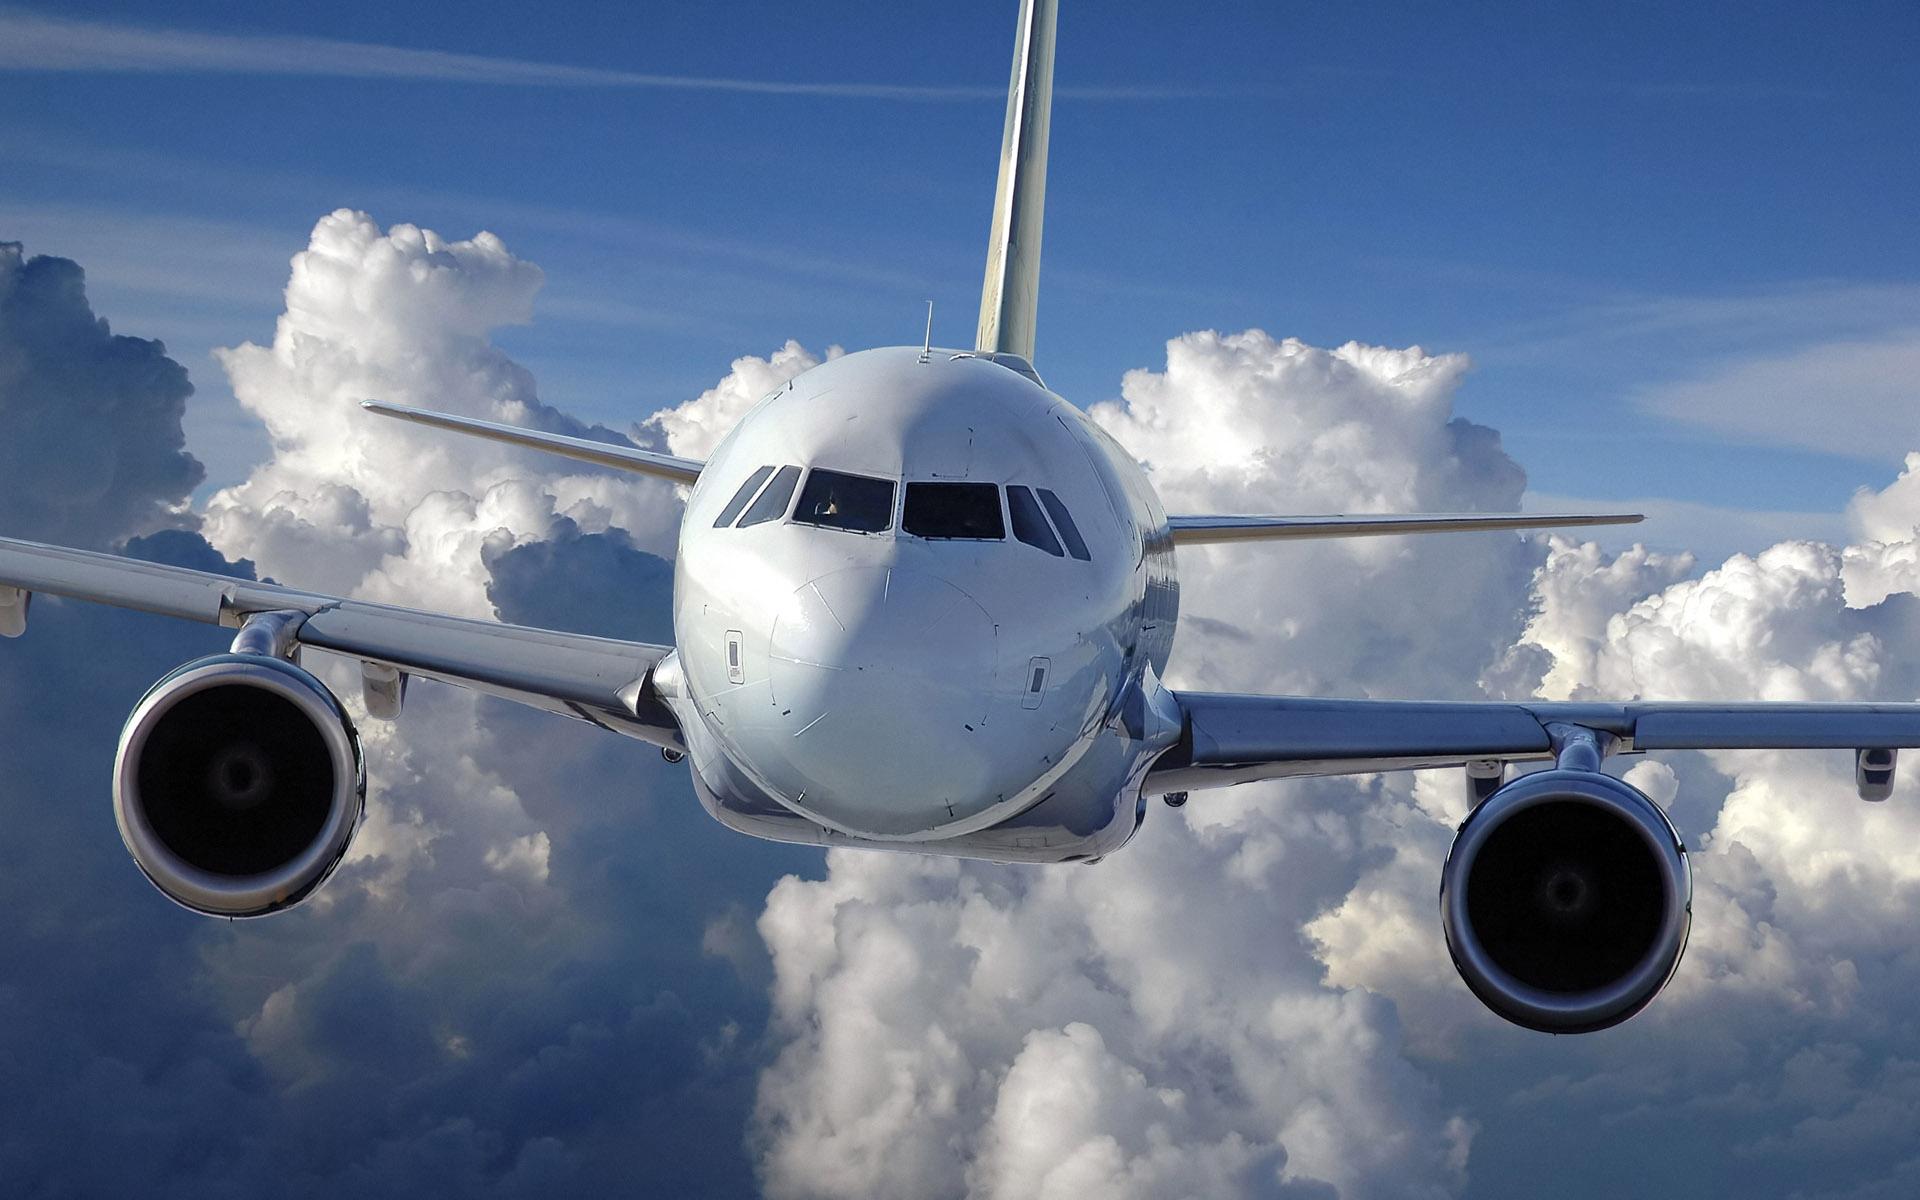 باشگاه خبرنگاران -خرید بلیت هواپیما به مقصد استانبول چقدر آب می خورد؟